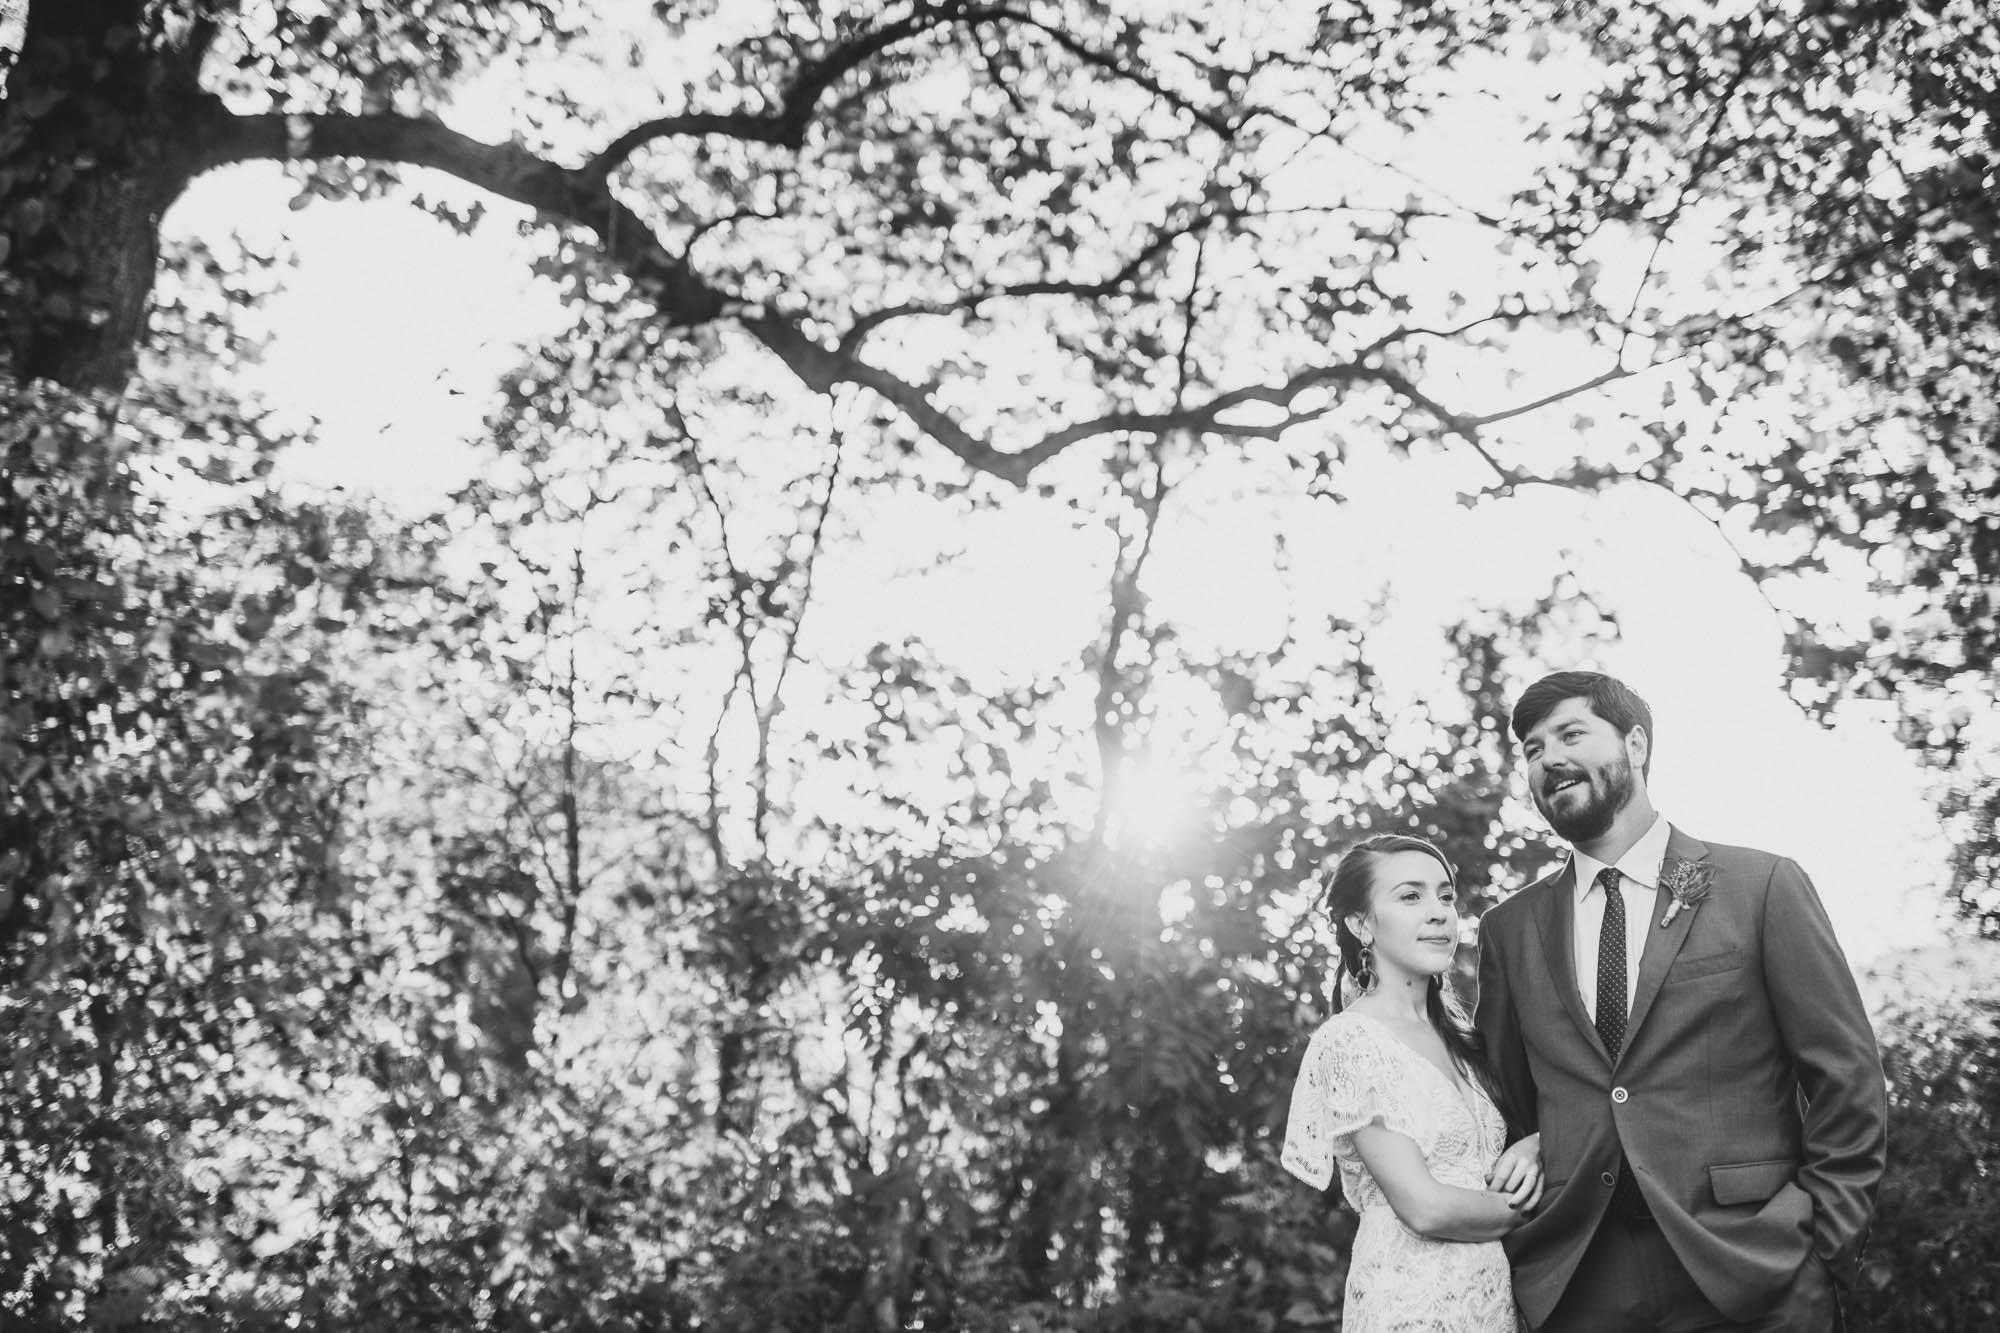 Good wedding photos